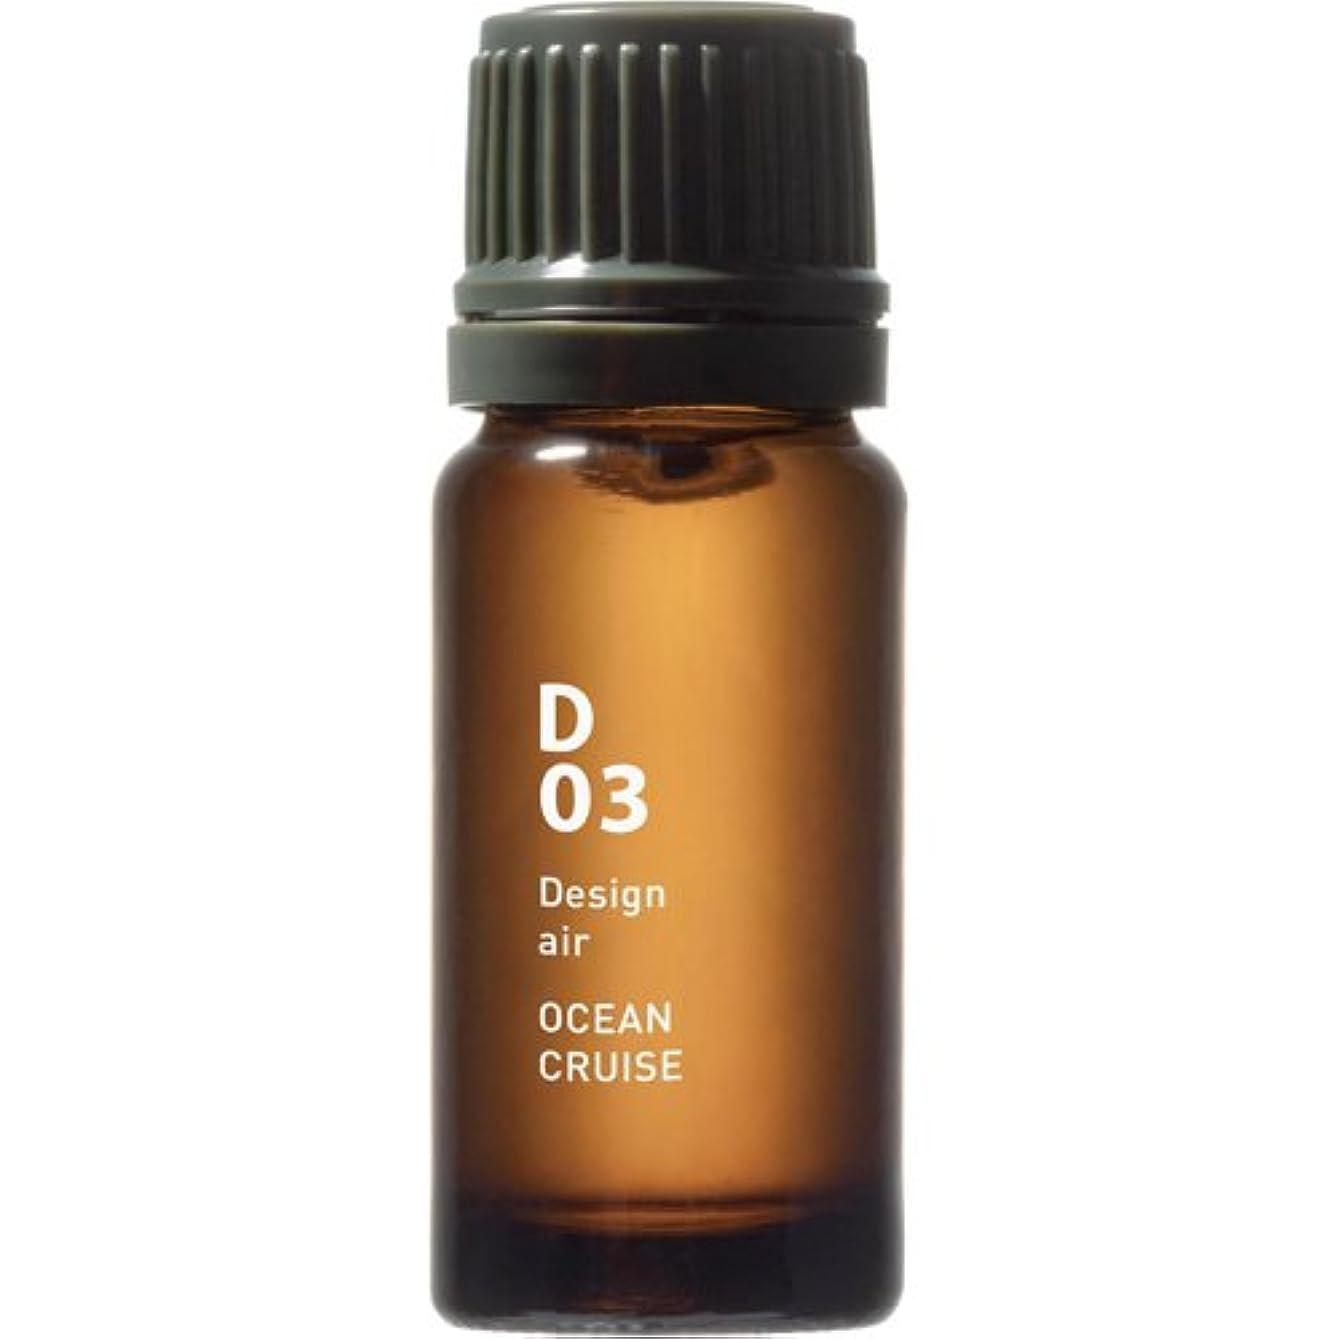 アソシエイト立証する調和のとれたD03 OCEAN CRUISE Design air 10ml